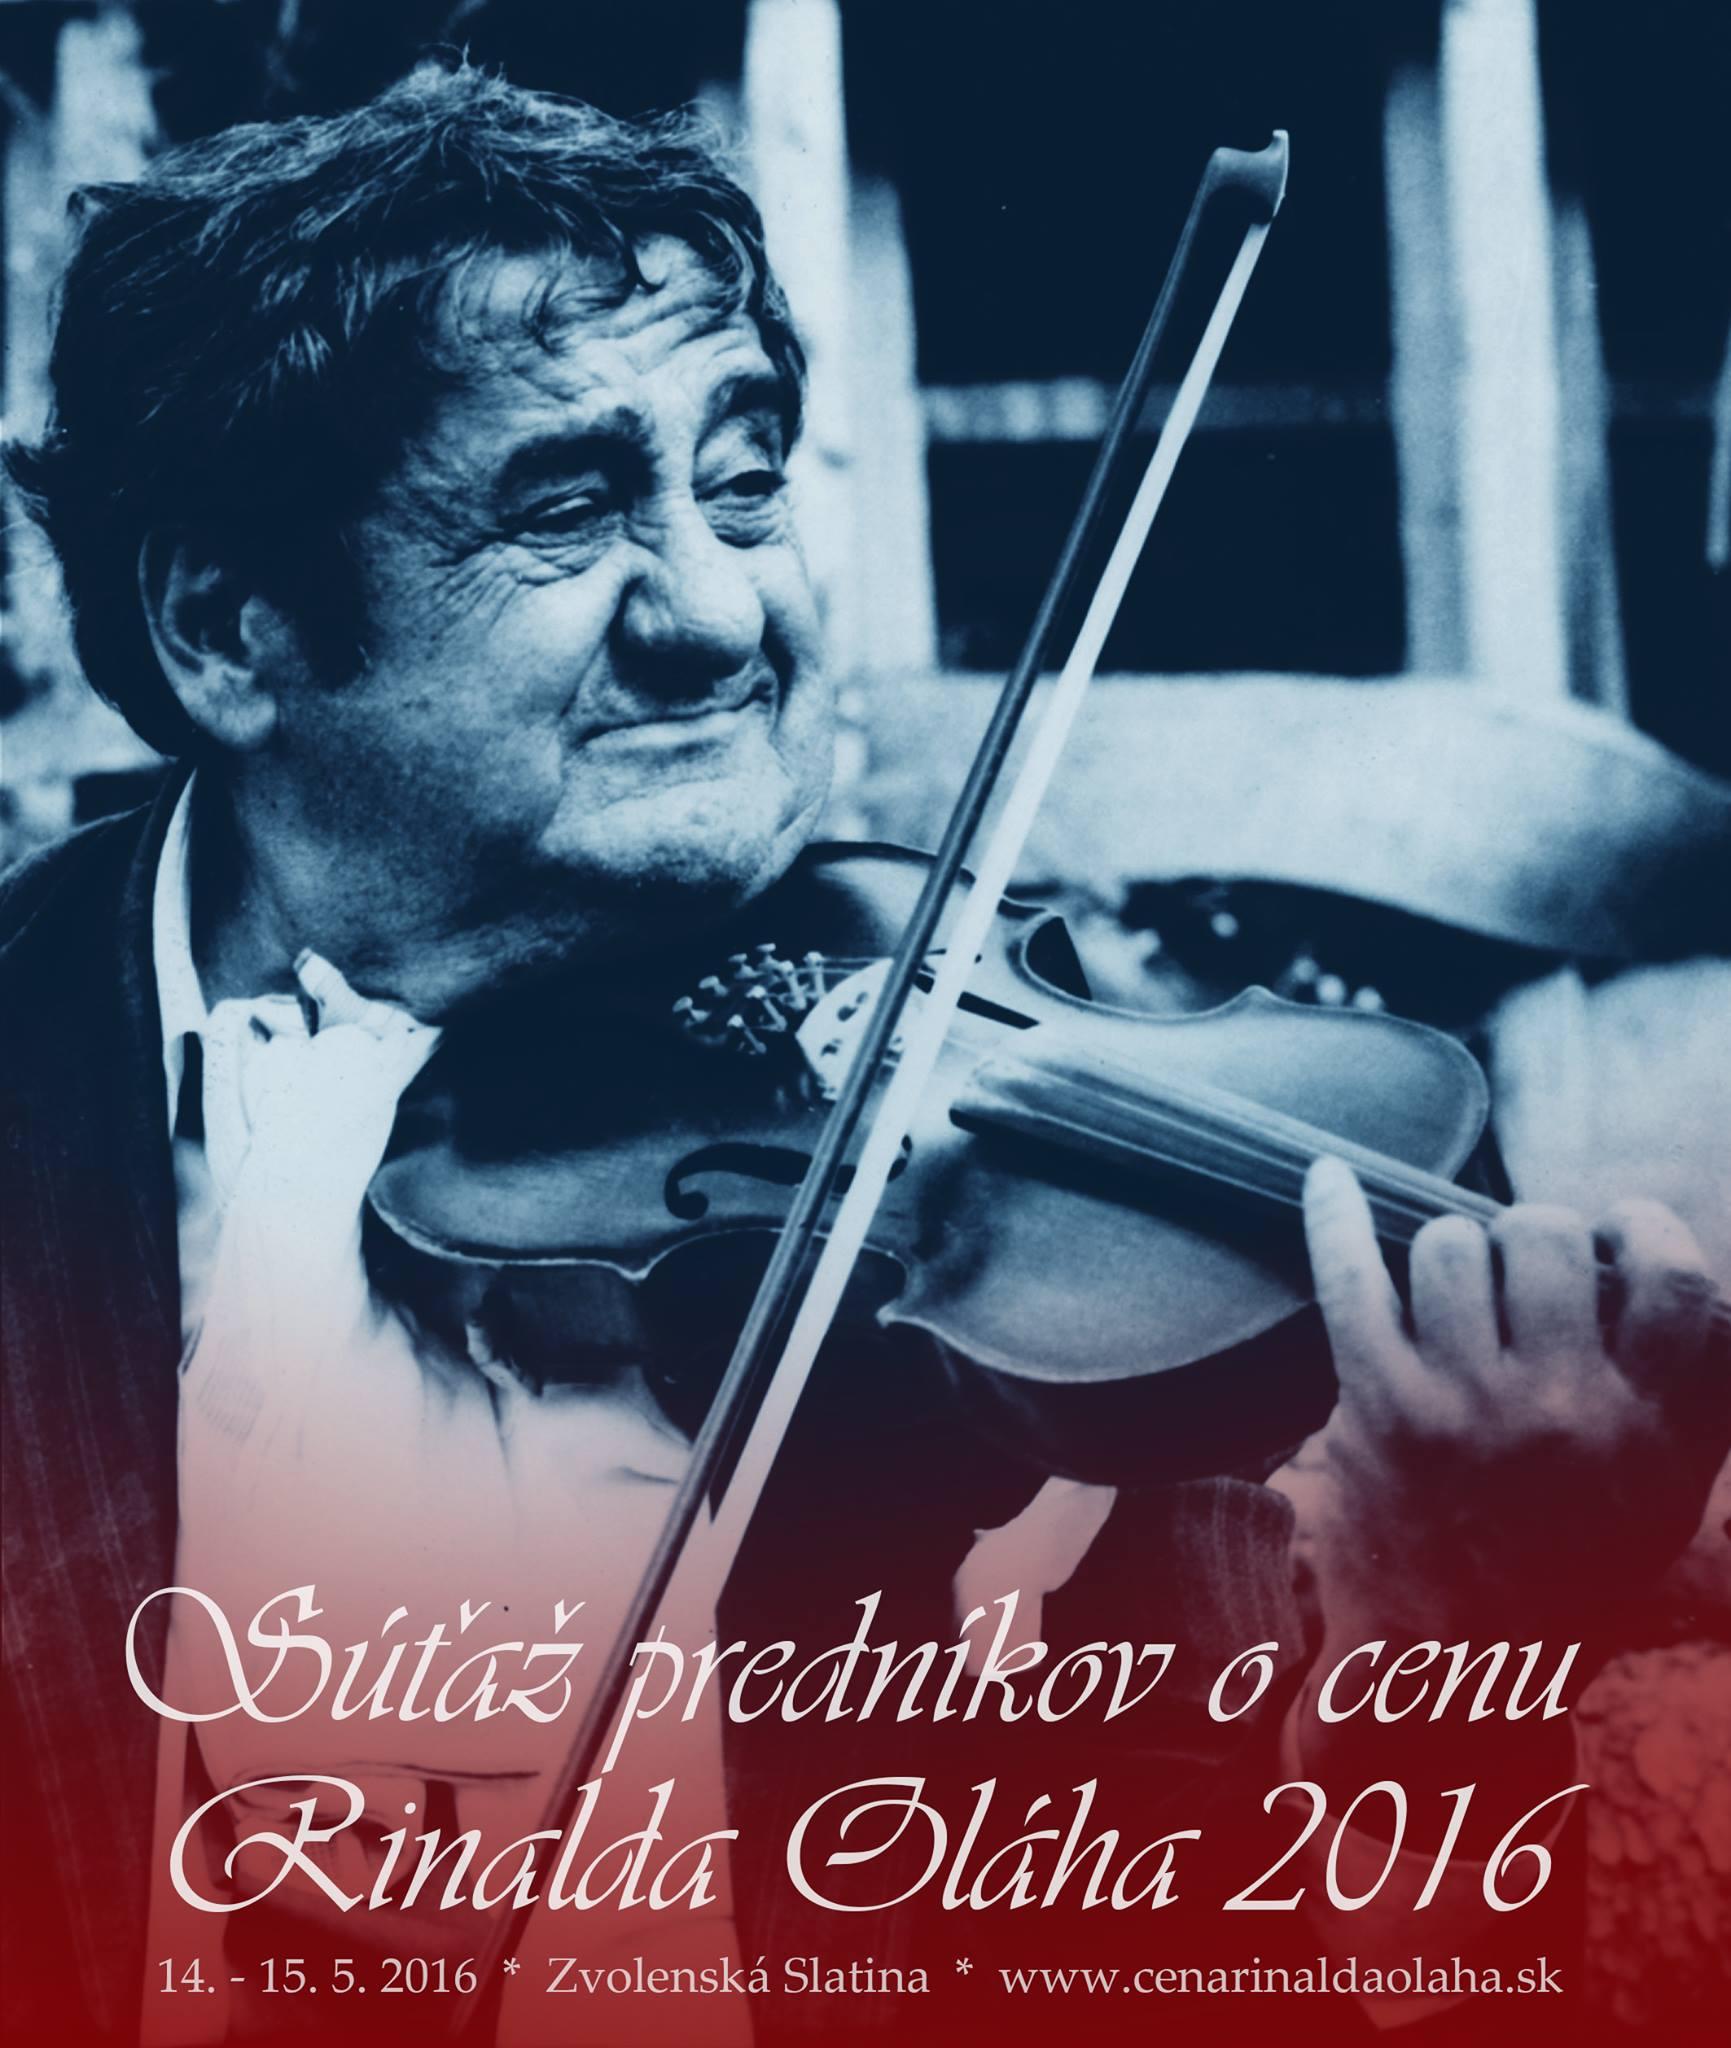 Rinaldo poster_web